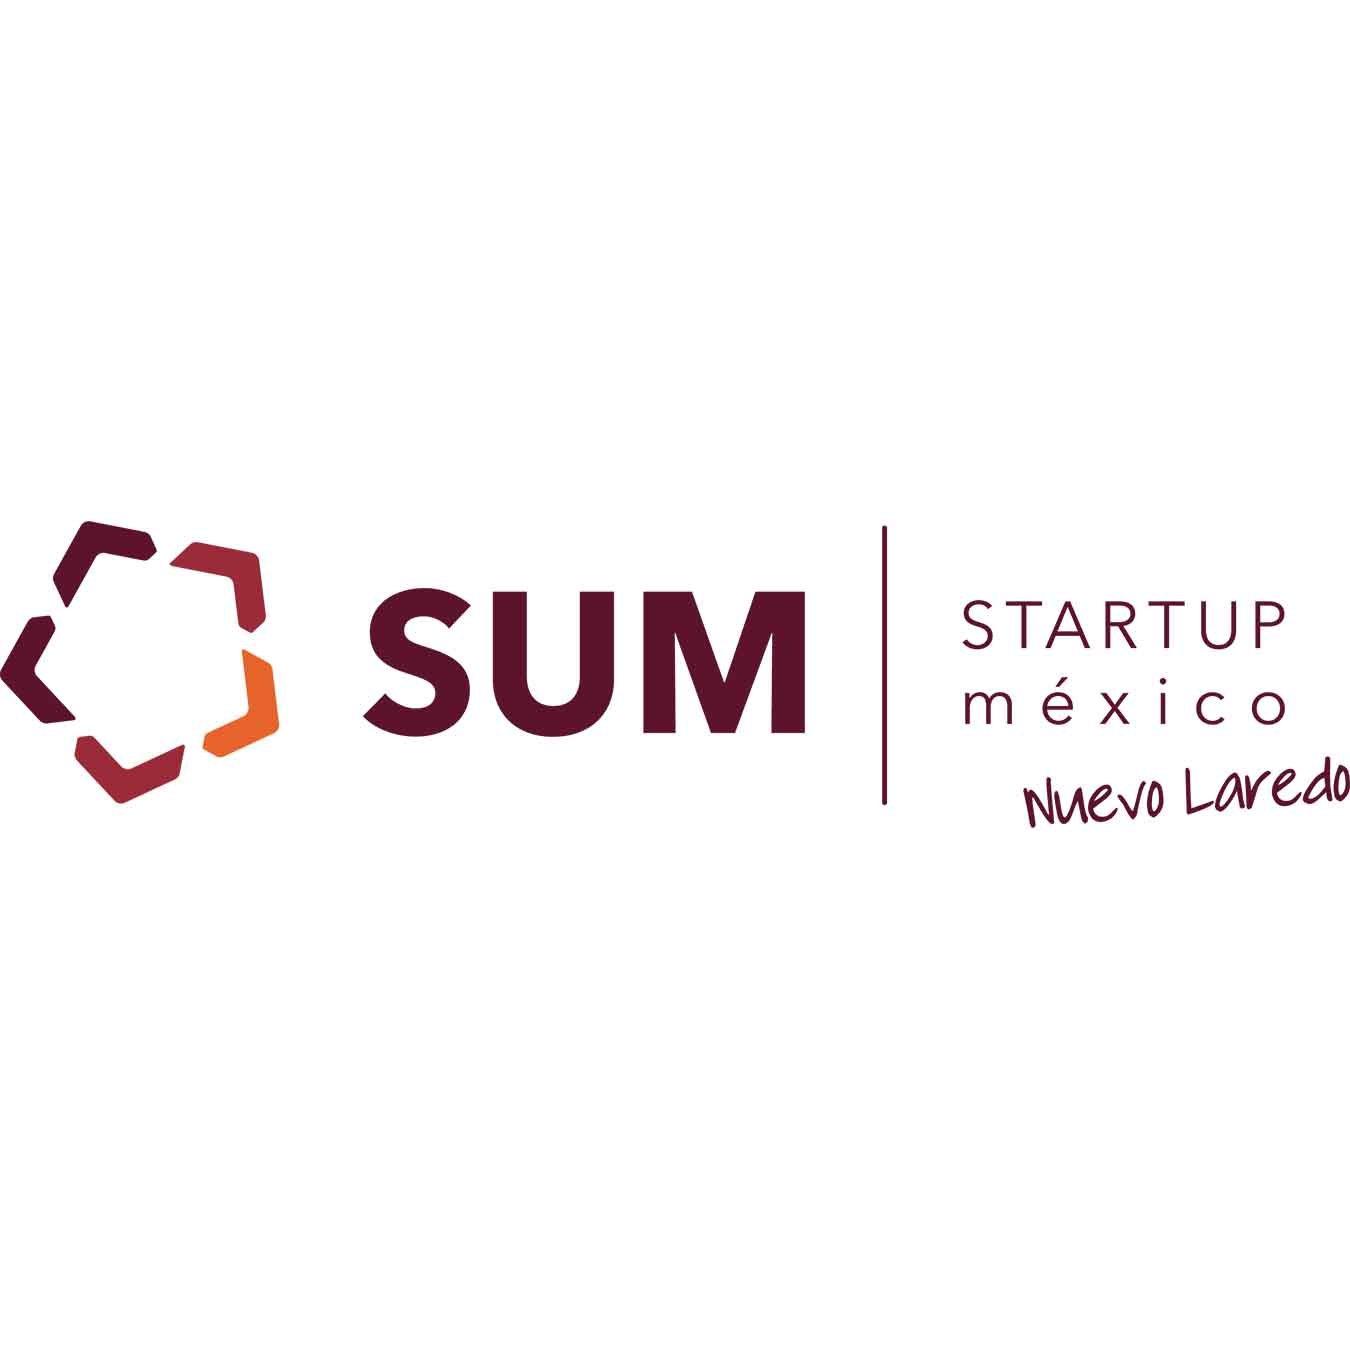 SUM Startup Mexico en Nuevo Laredo